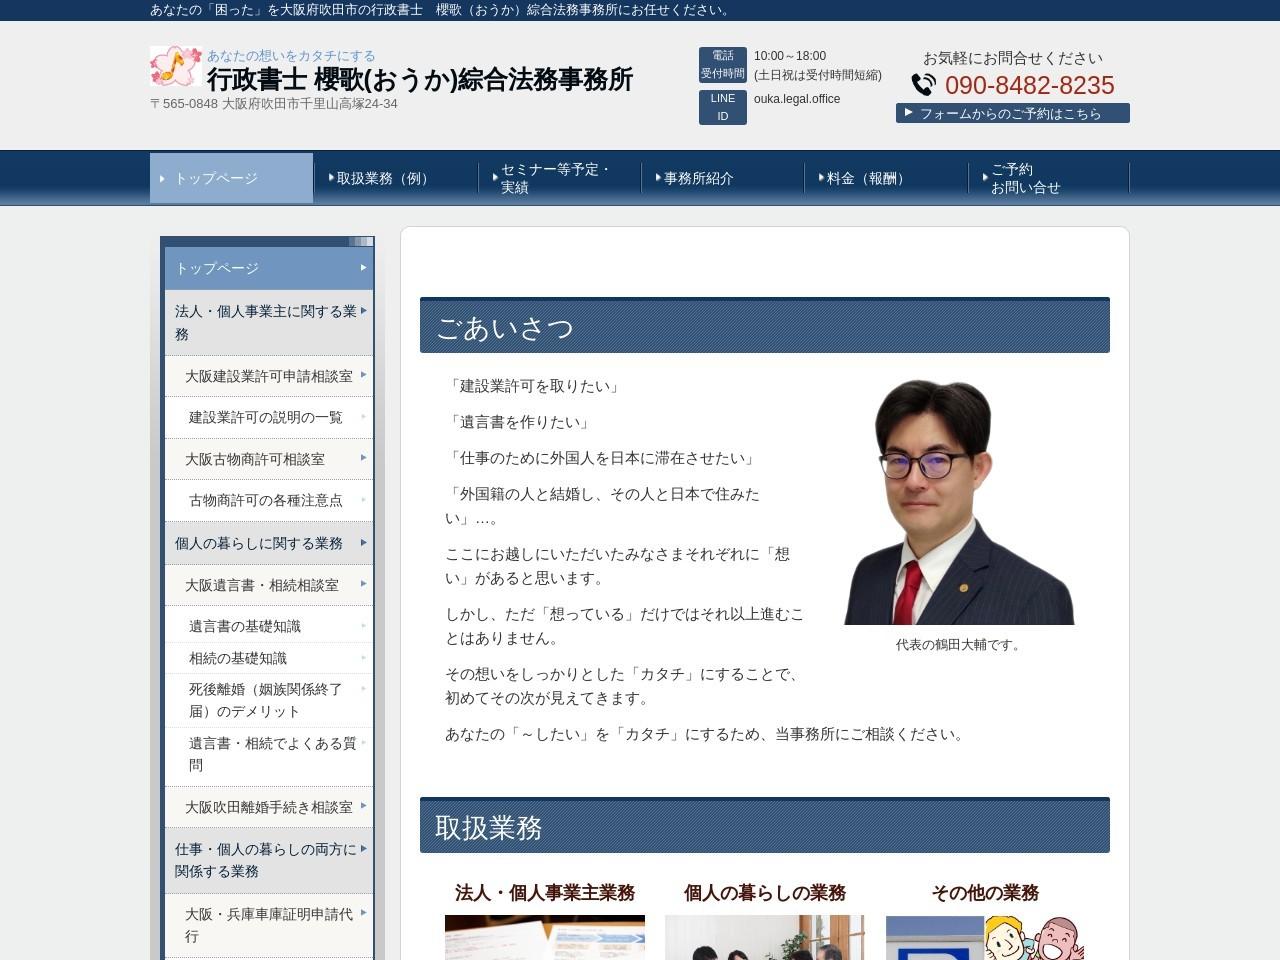 櫻歌綜合法務事務所